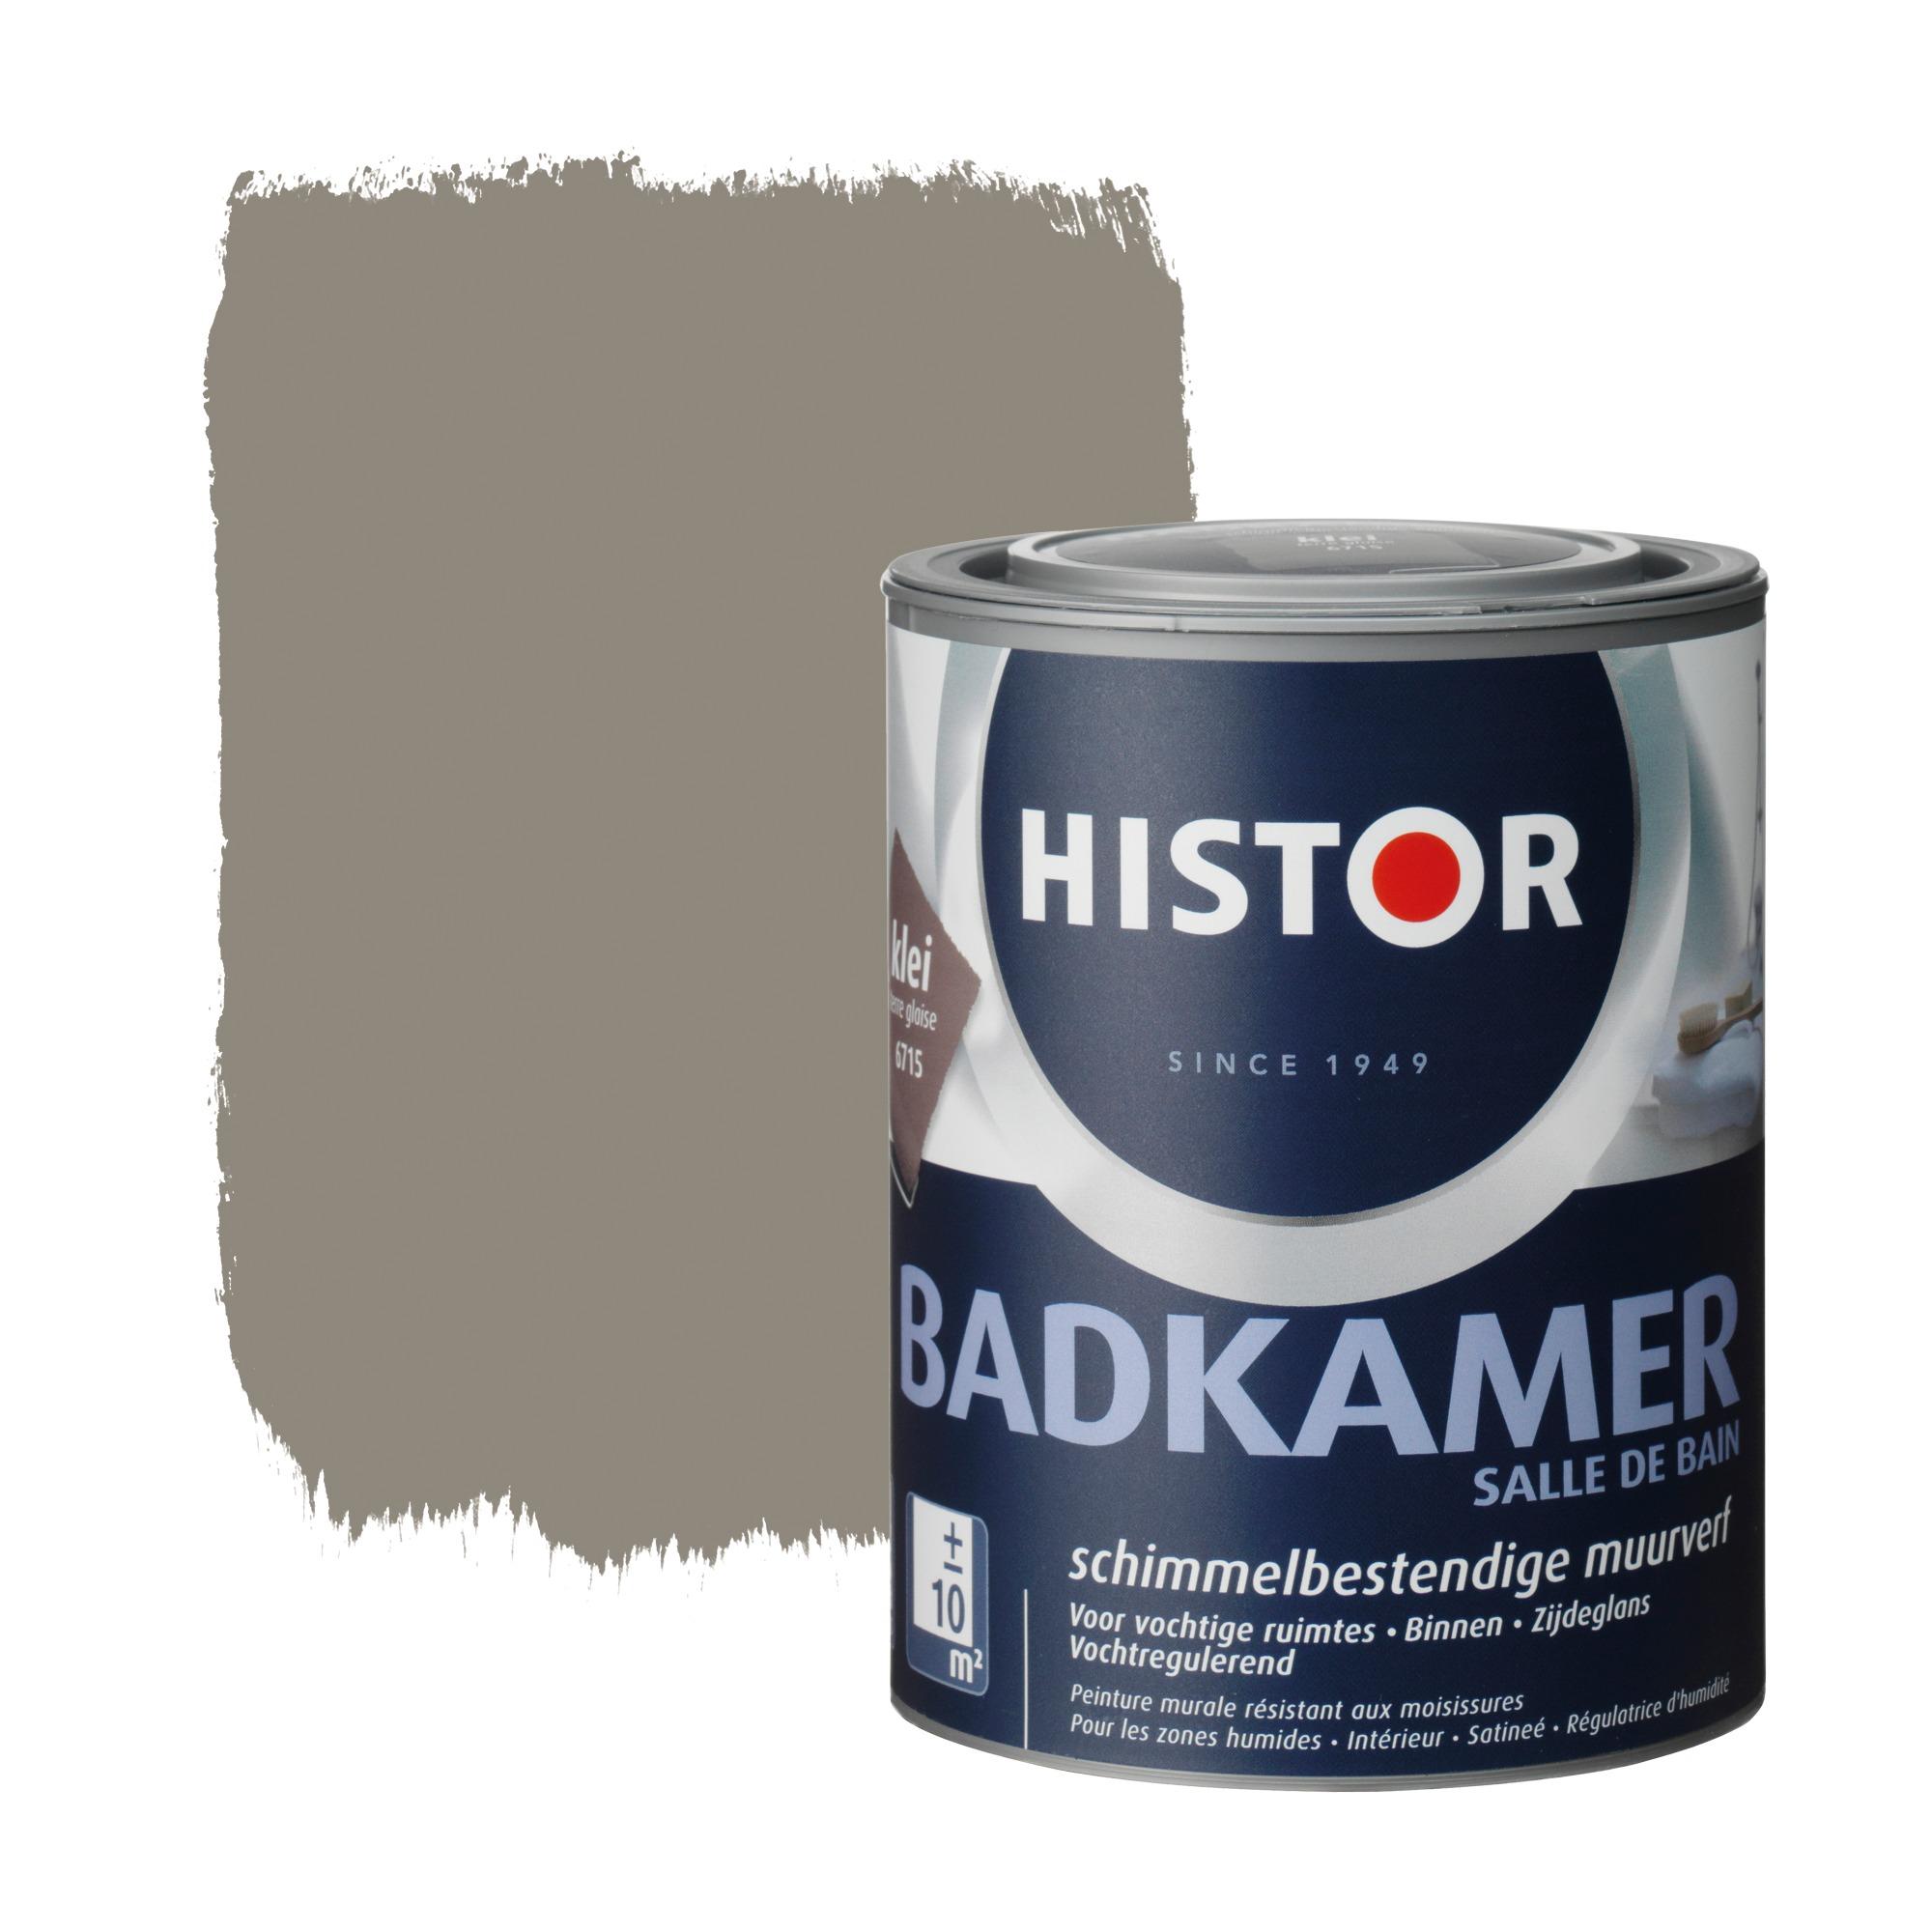 histor muurverf badkamer klei 1 liter | muurverf kleur | muurverf, Badkamer